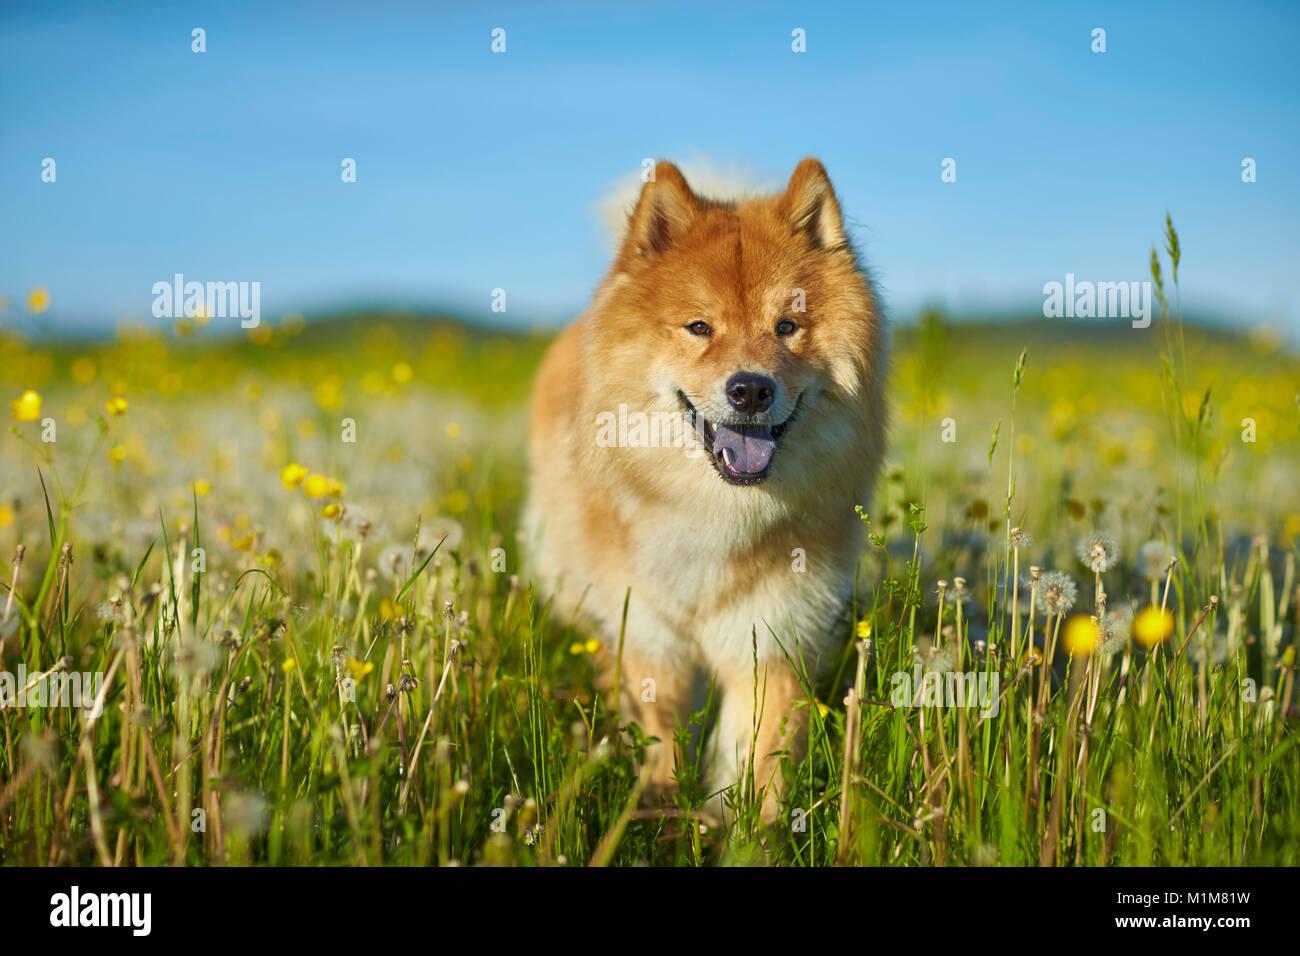 Eurasier, Eurasien. Erwachsener Hund zu Fuß in einer Wiese. Deutschland Stockbild